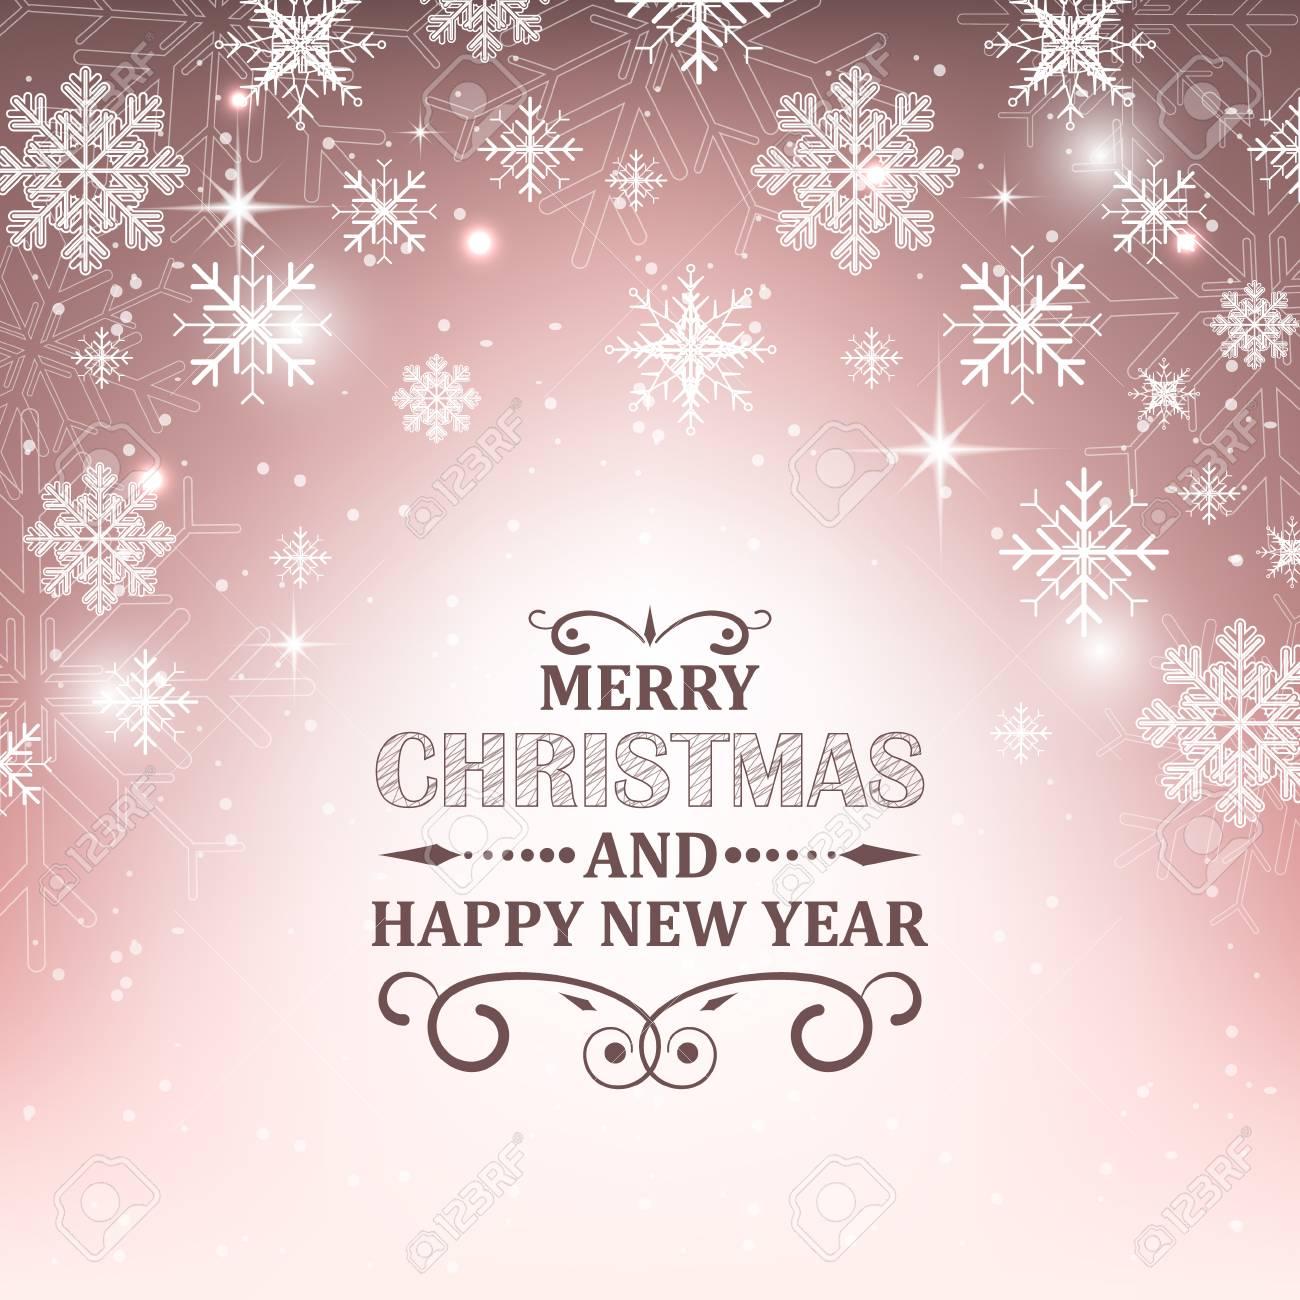 Weihnachten Wallpaper.Stock Photo